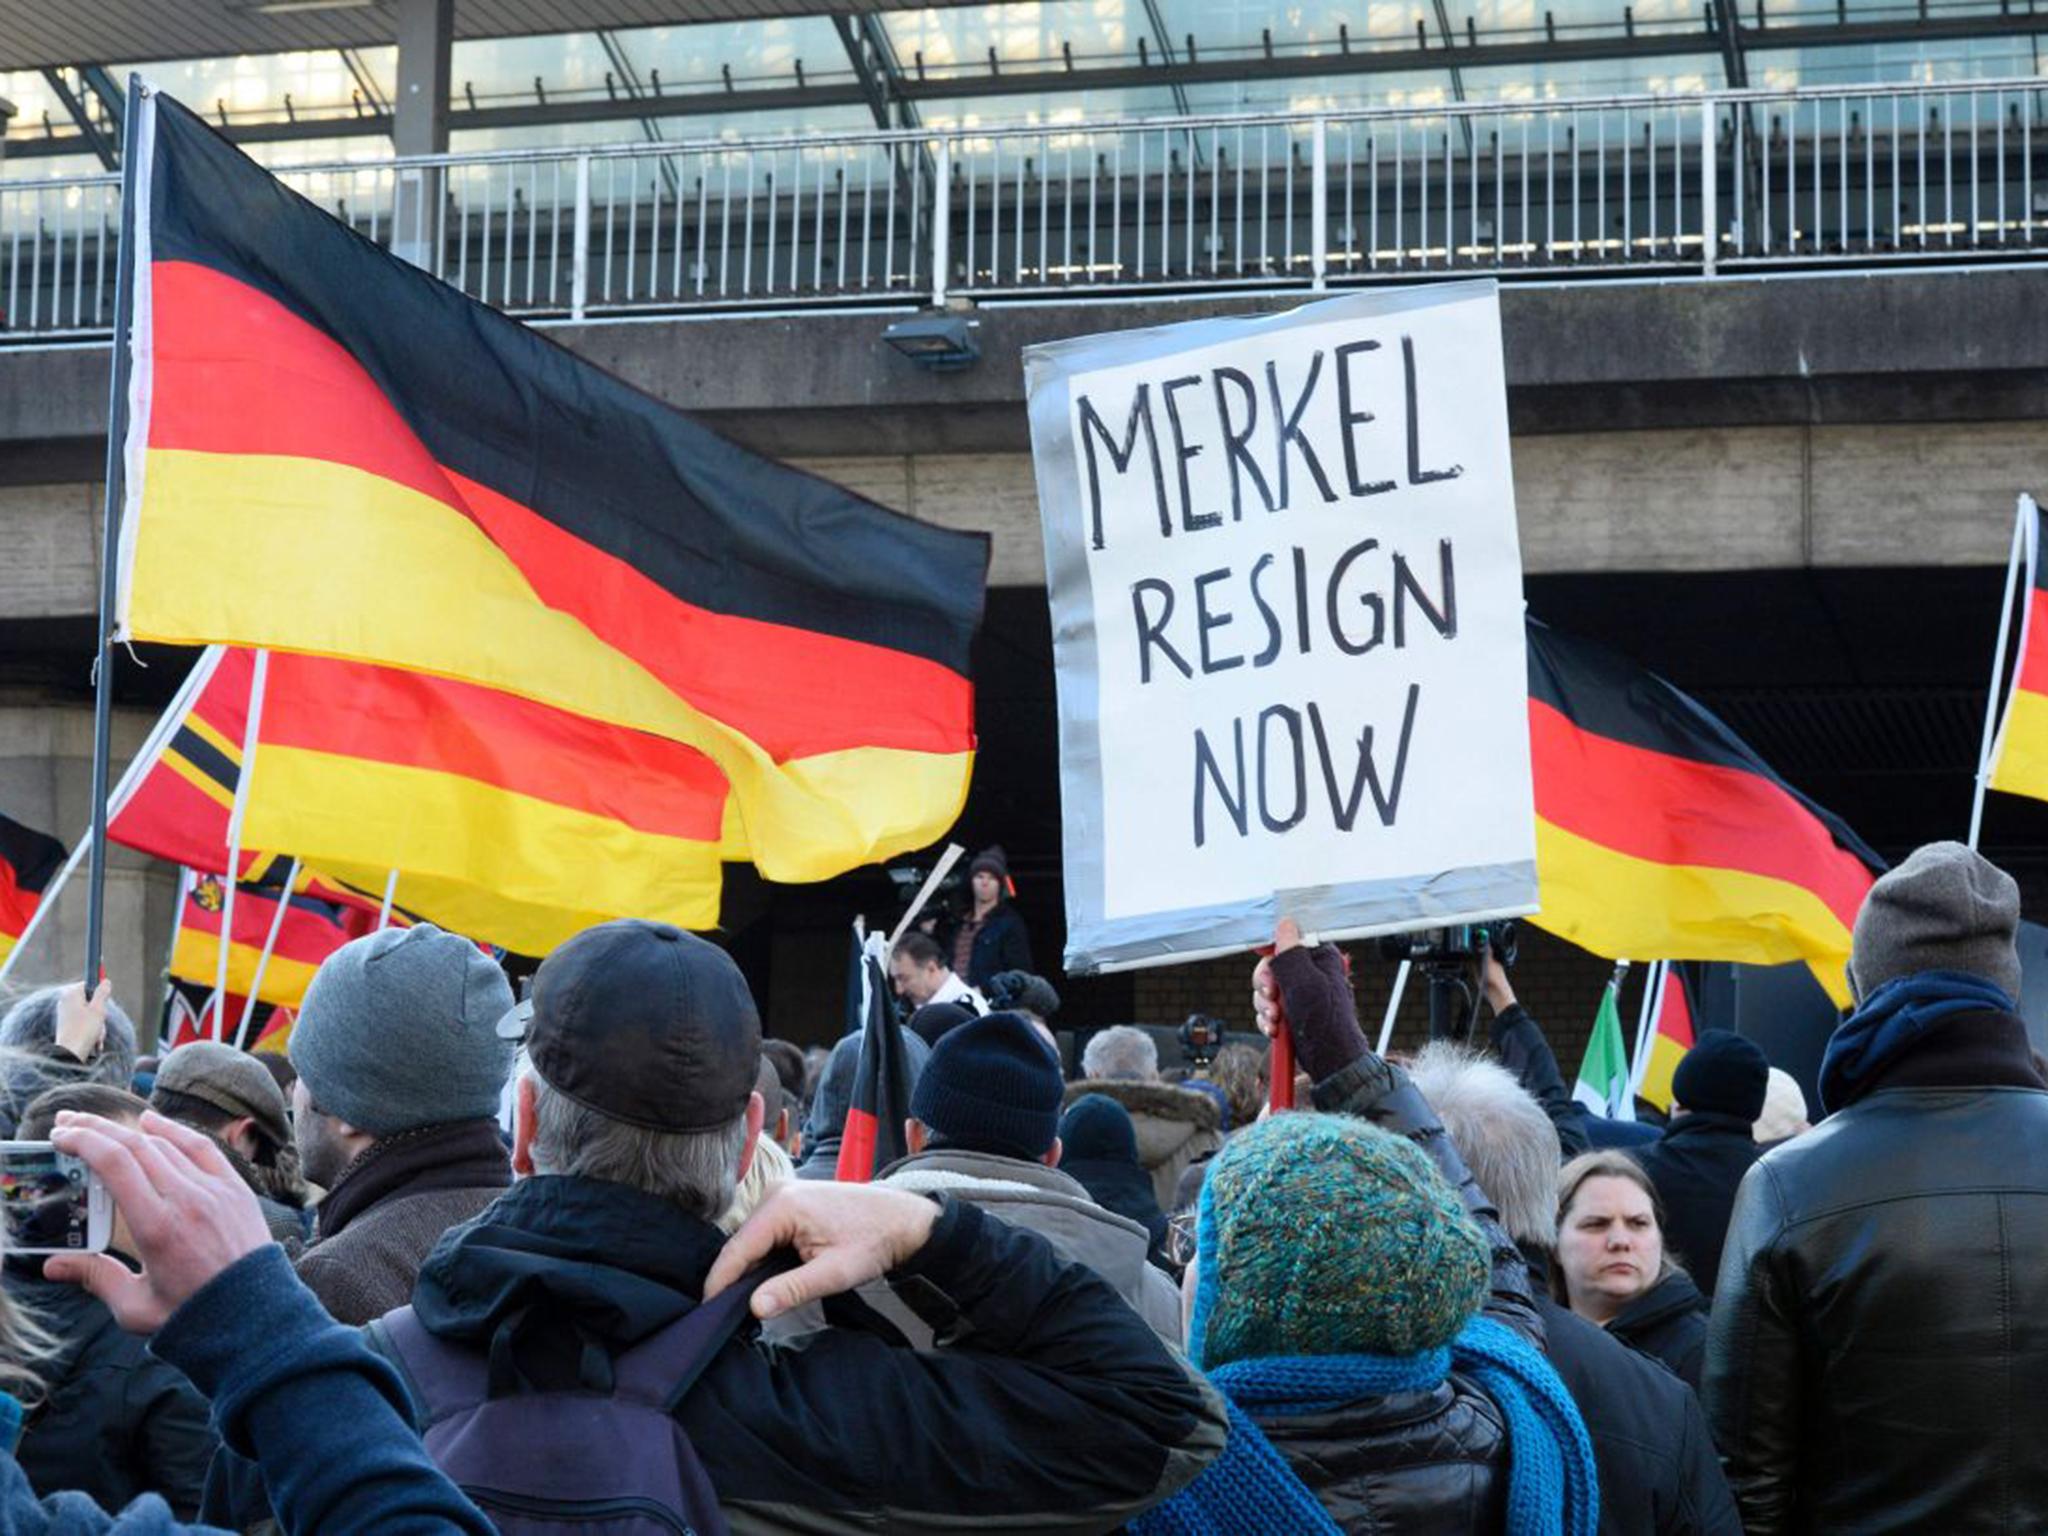 Принципиальная позиция Ангелы Меркель по поводу миграционной политики вызвала отторжение значительной части германского общества.